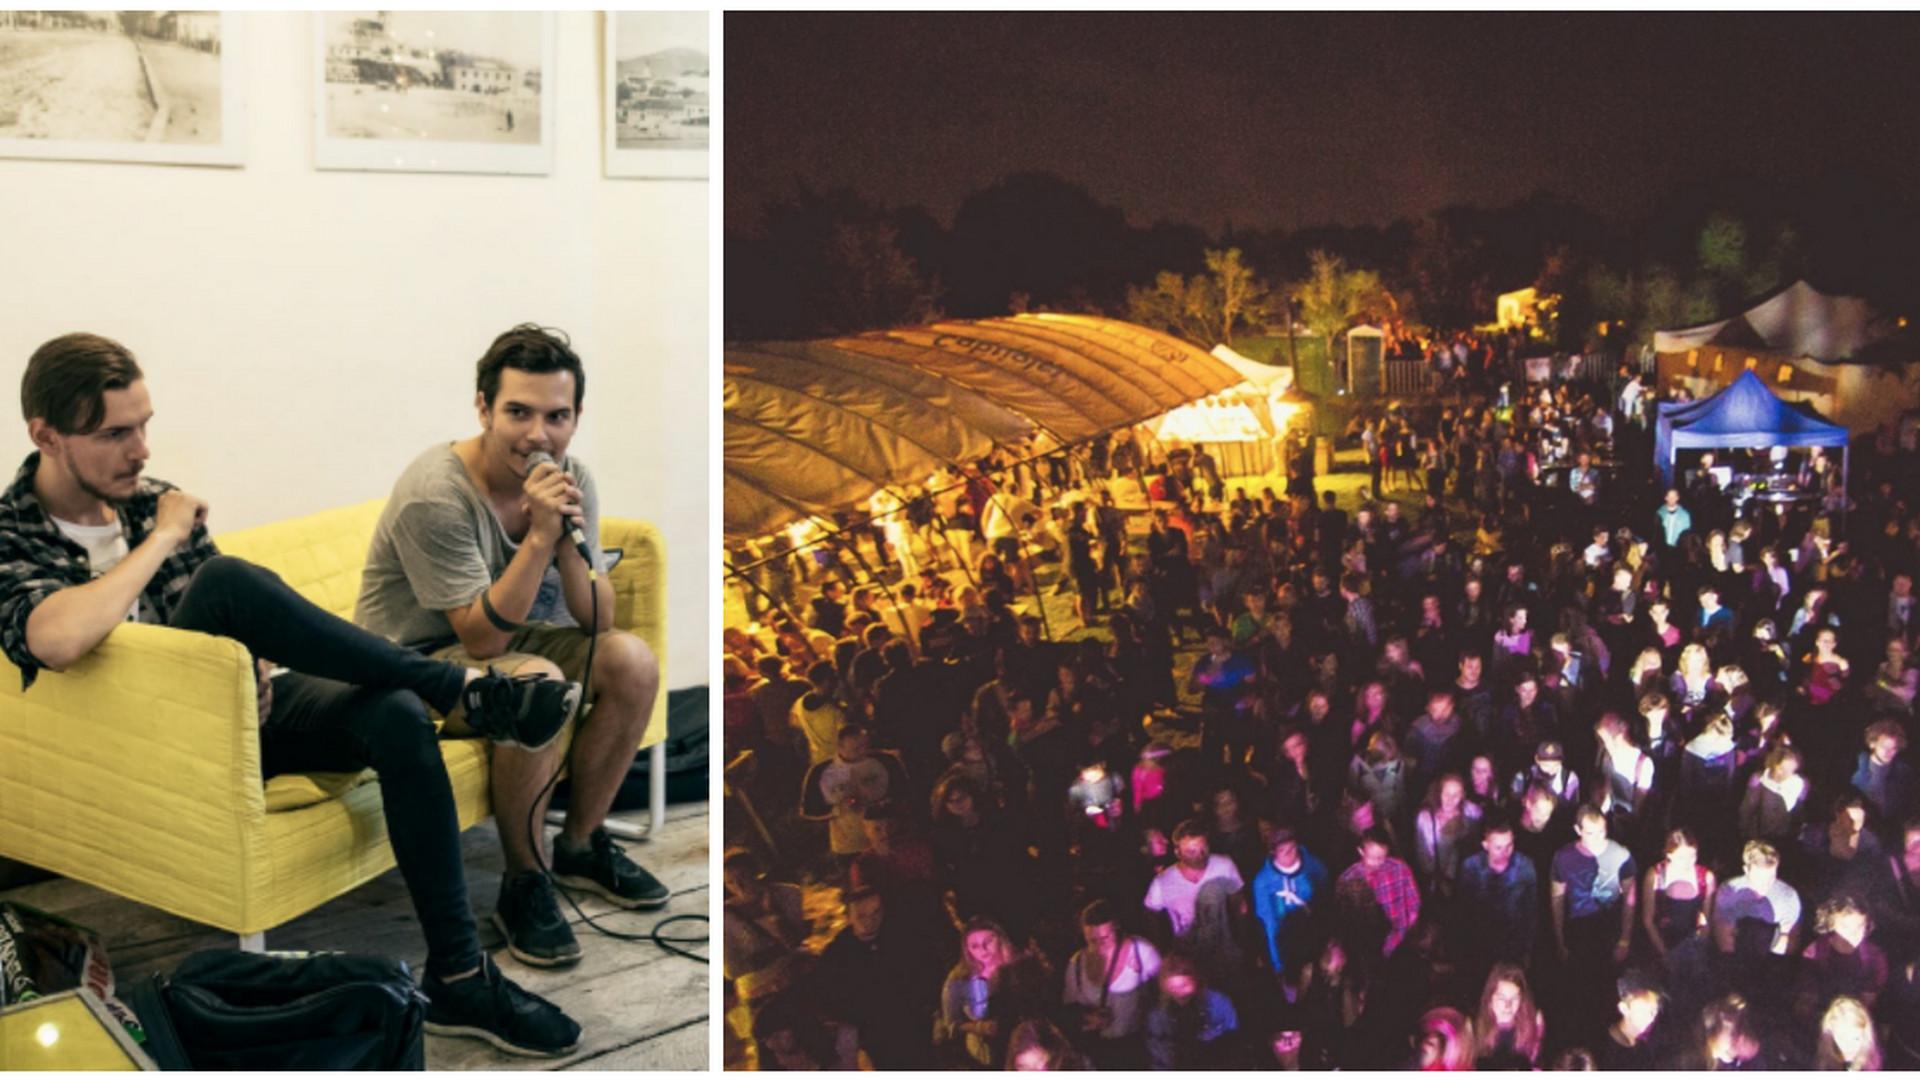 b9d7c29a4 Marián založil ako 20-ročný čoraz obľúbenejší festival. Ako prebieha jeho  organizácia?